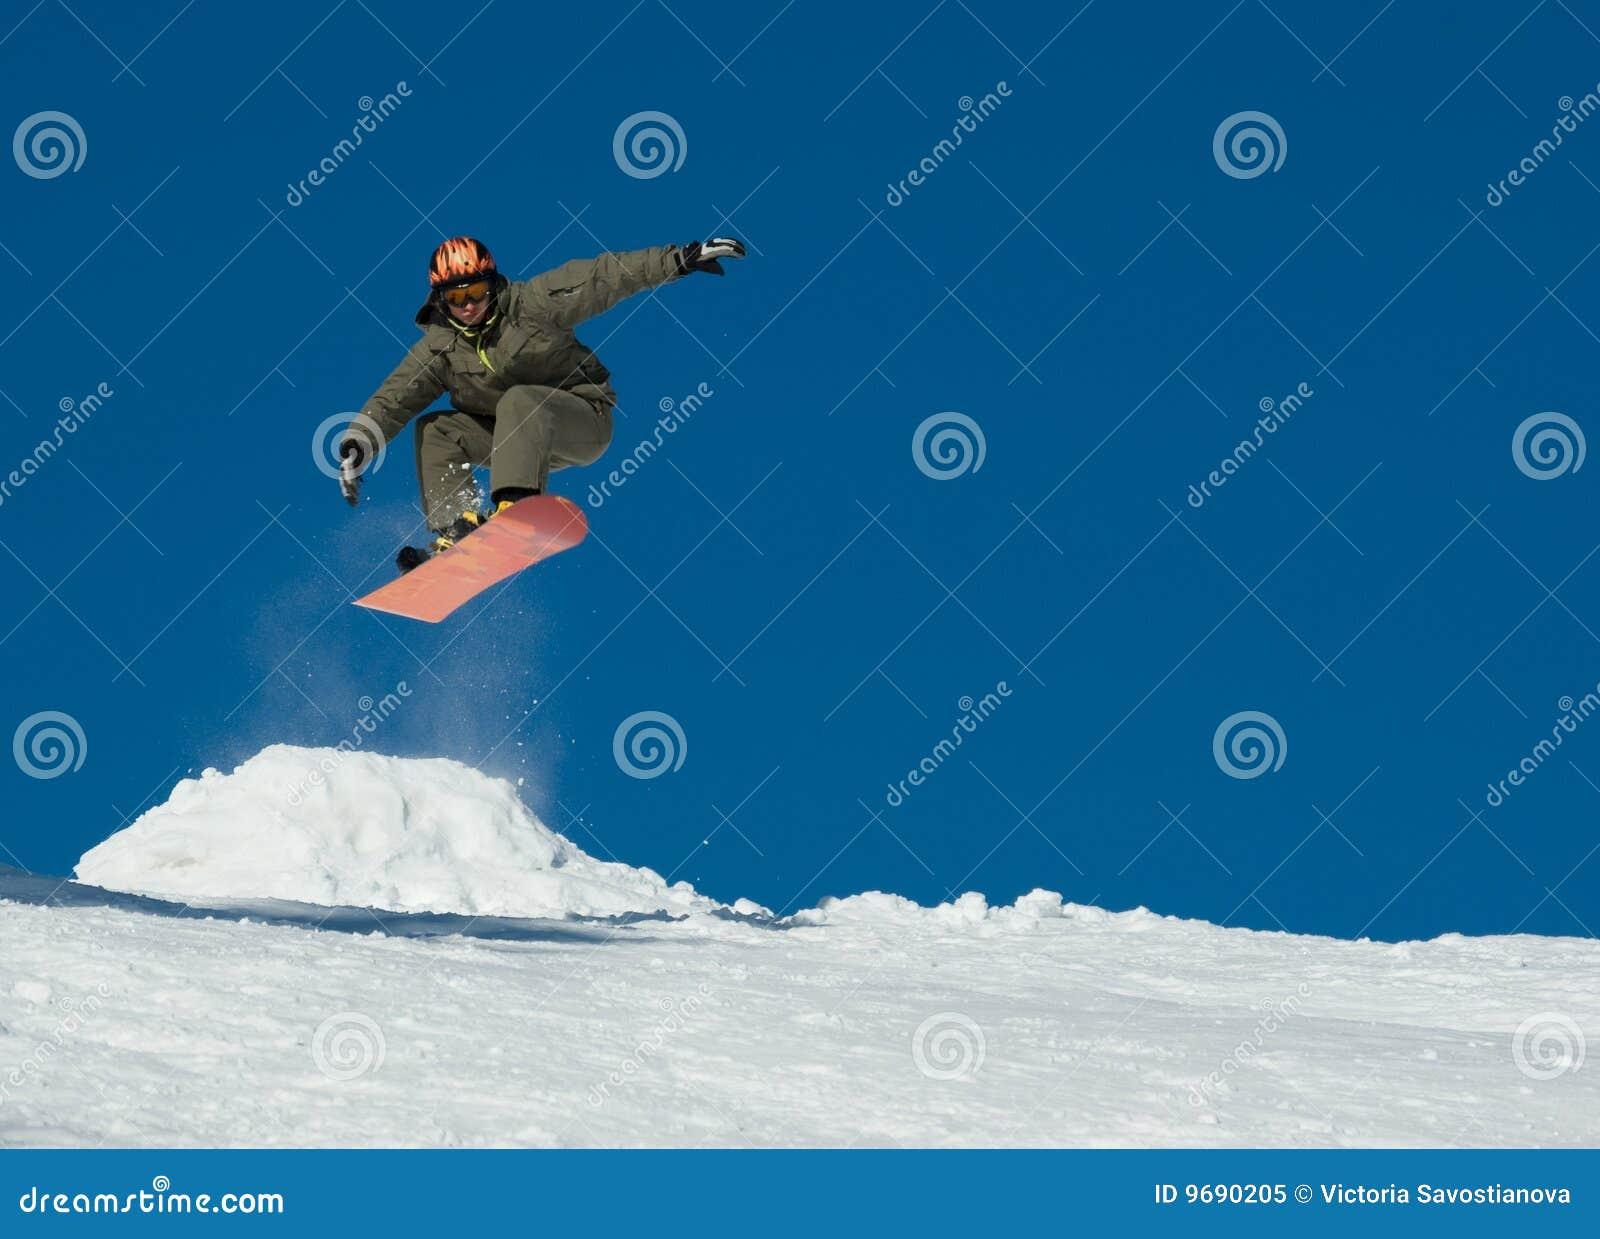 Salto do Snowboard